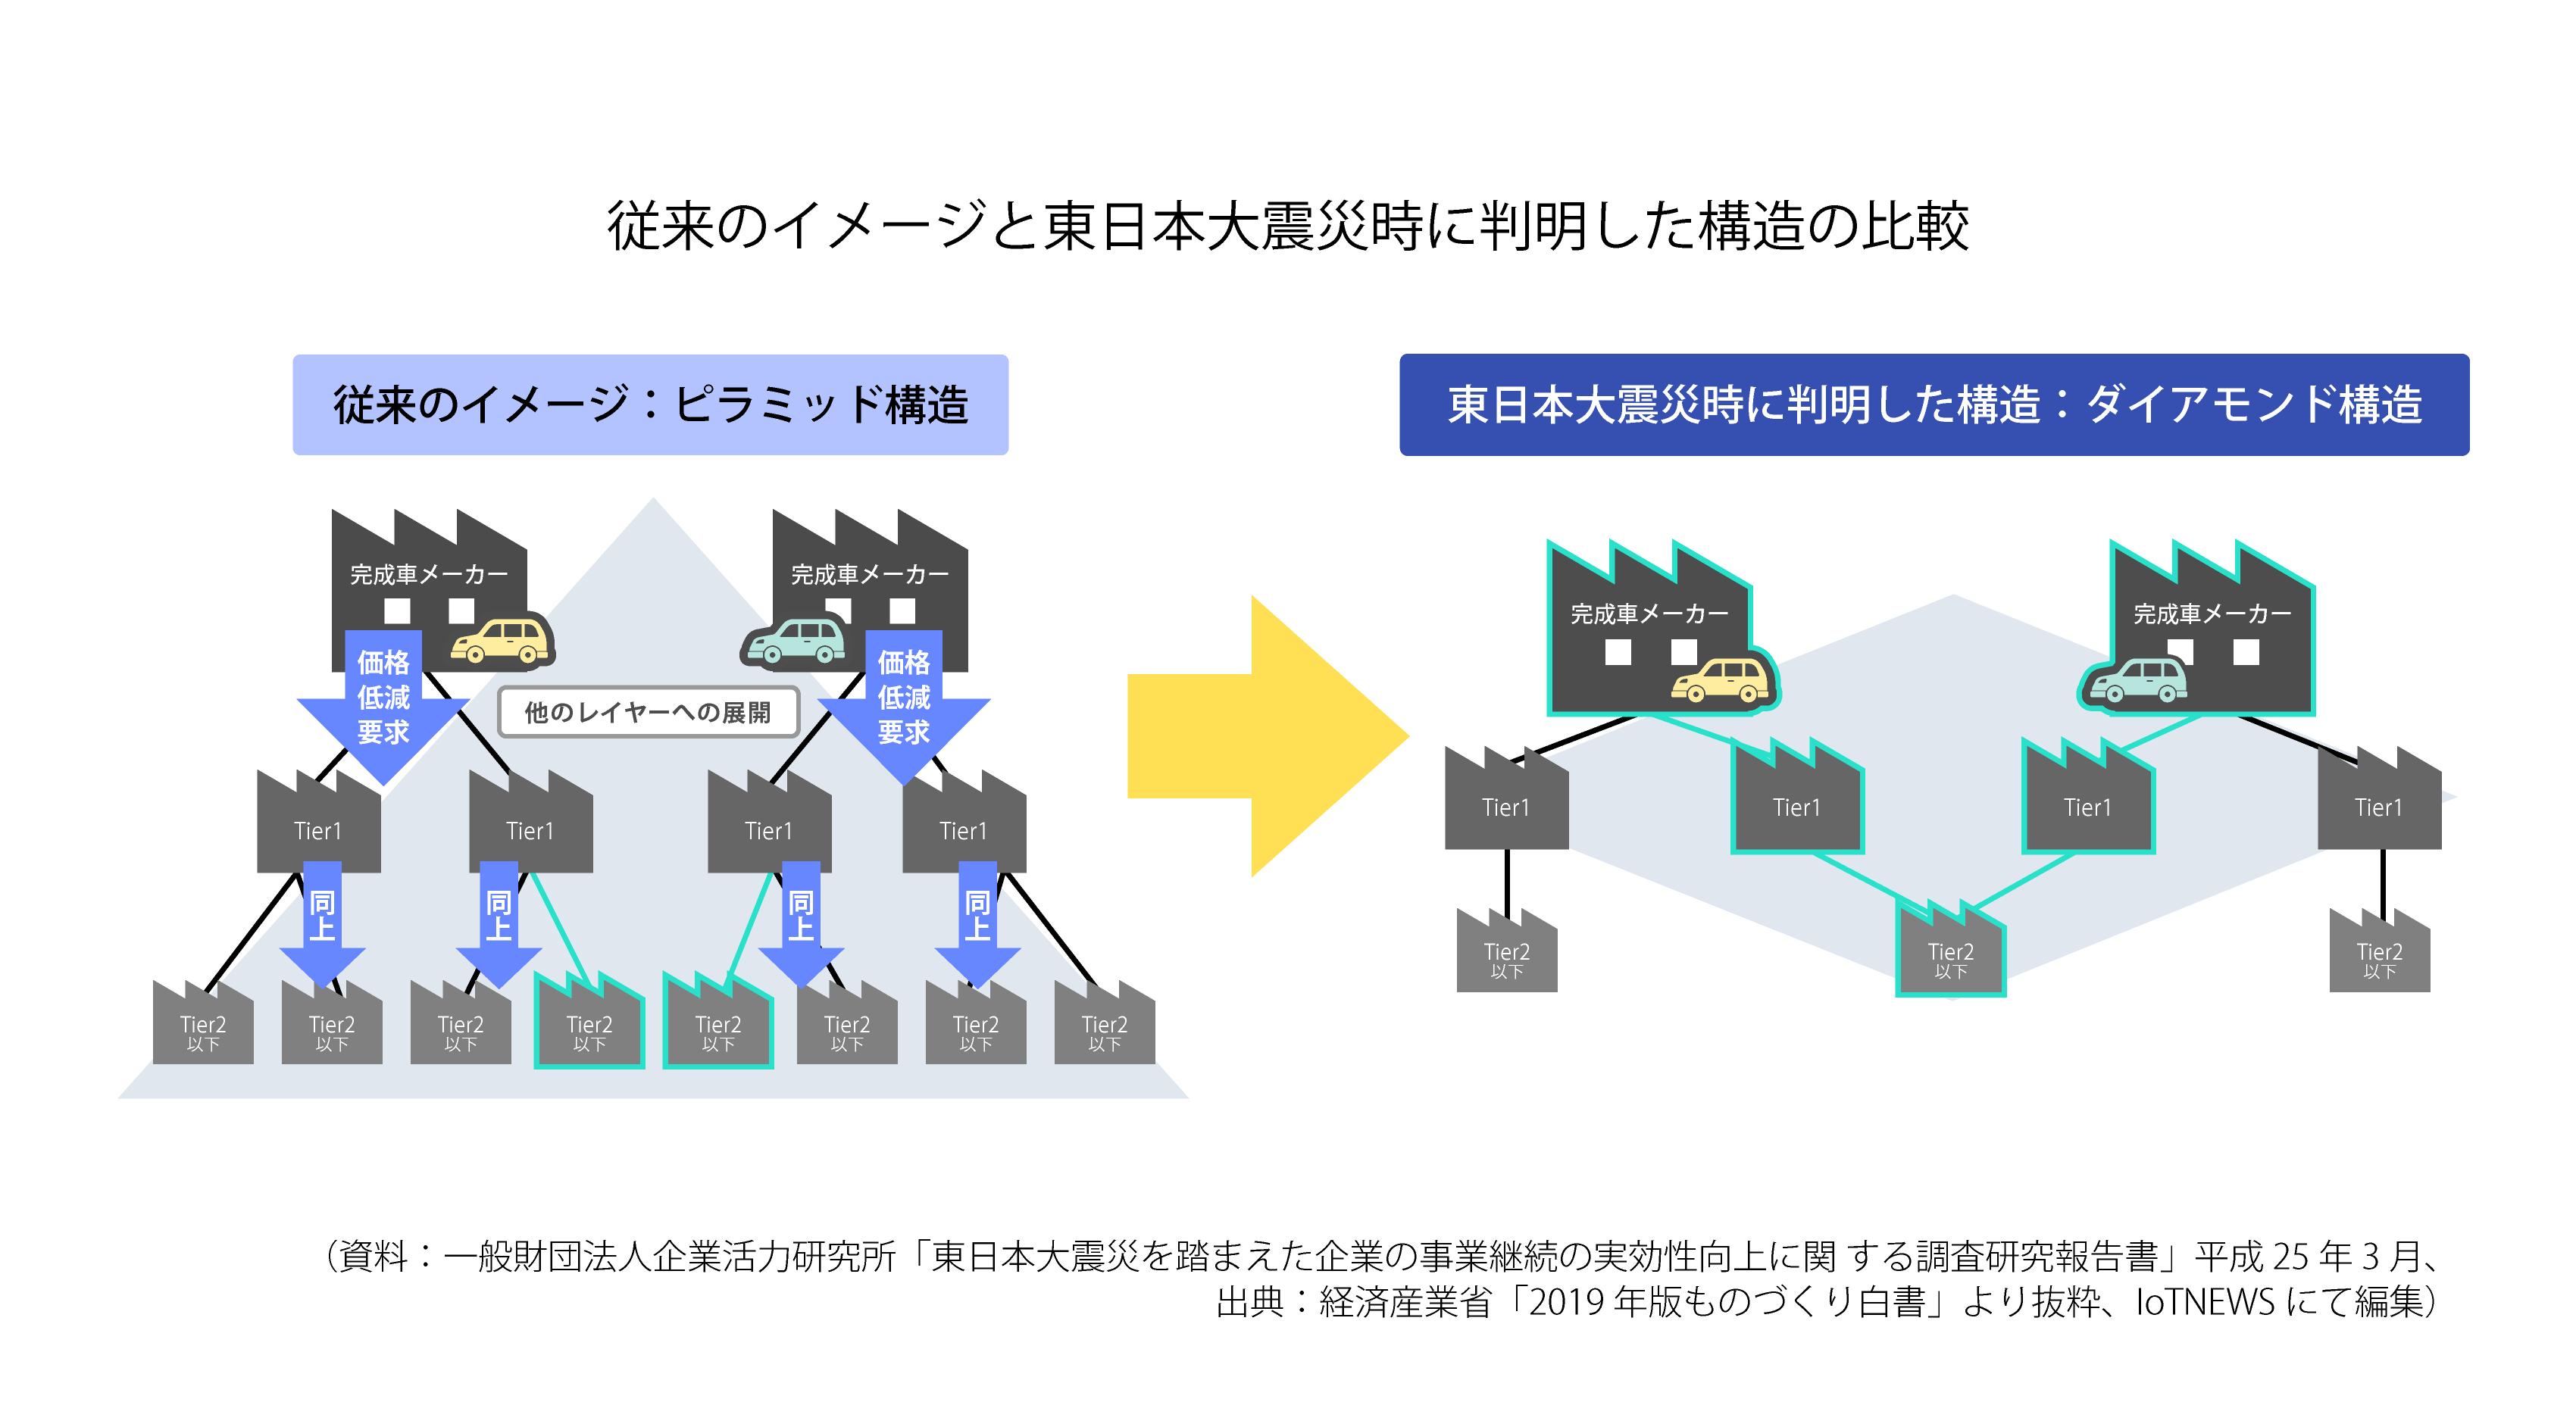 従来のイメージと東日本大震災時に判明した構造の比較